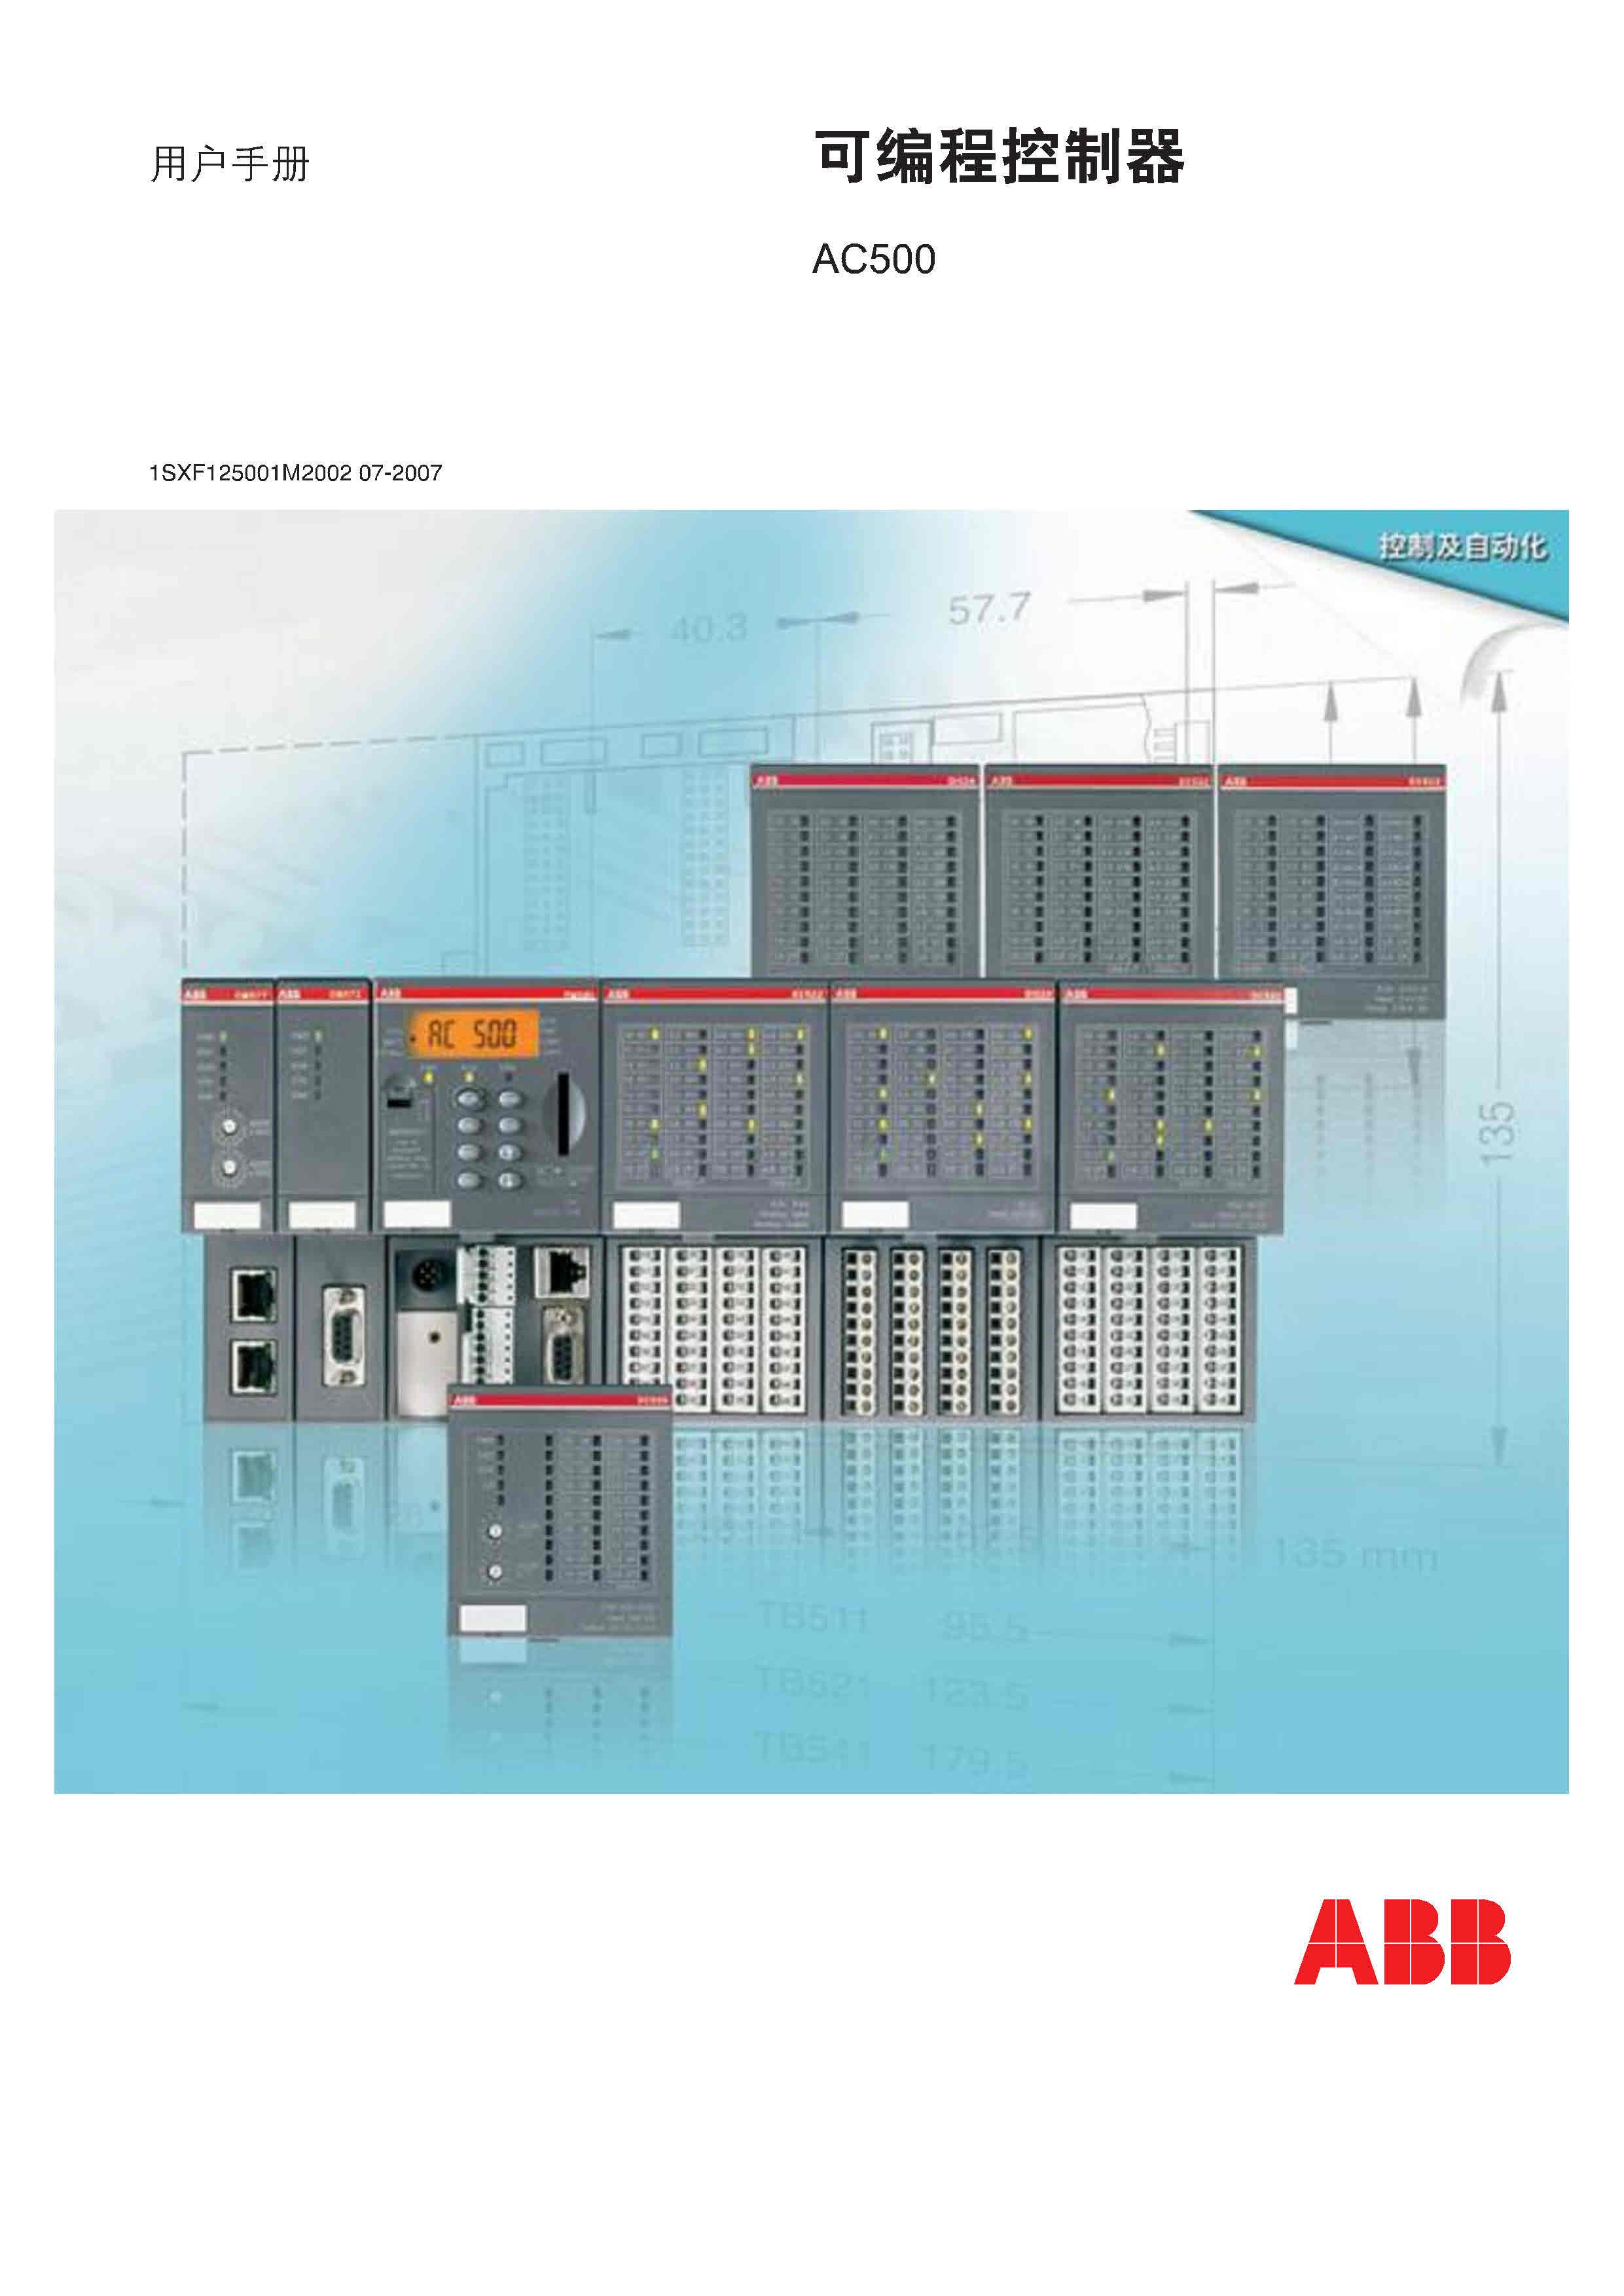 ABB AC500可编程控制器用户手册